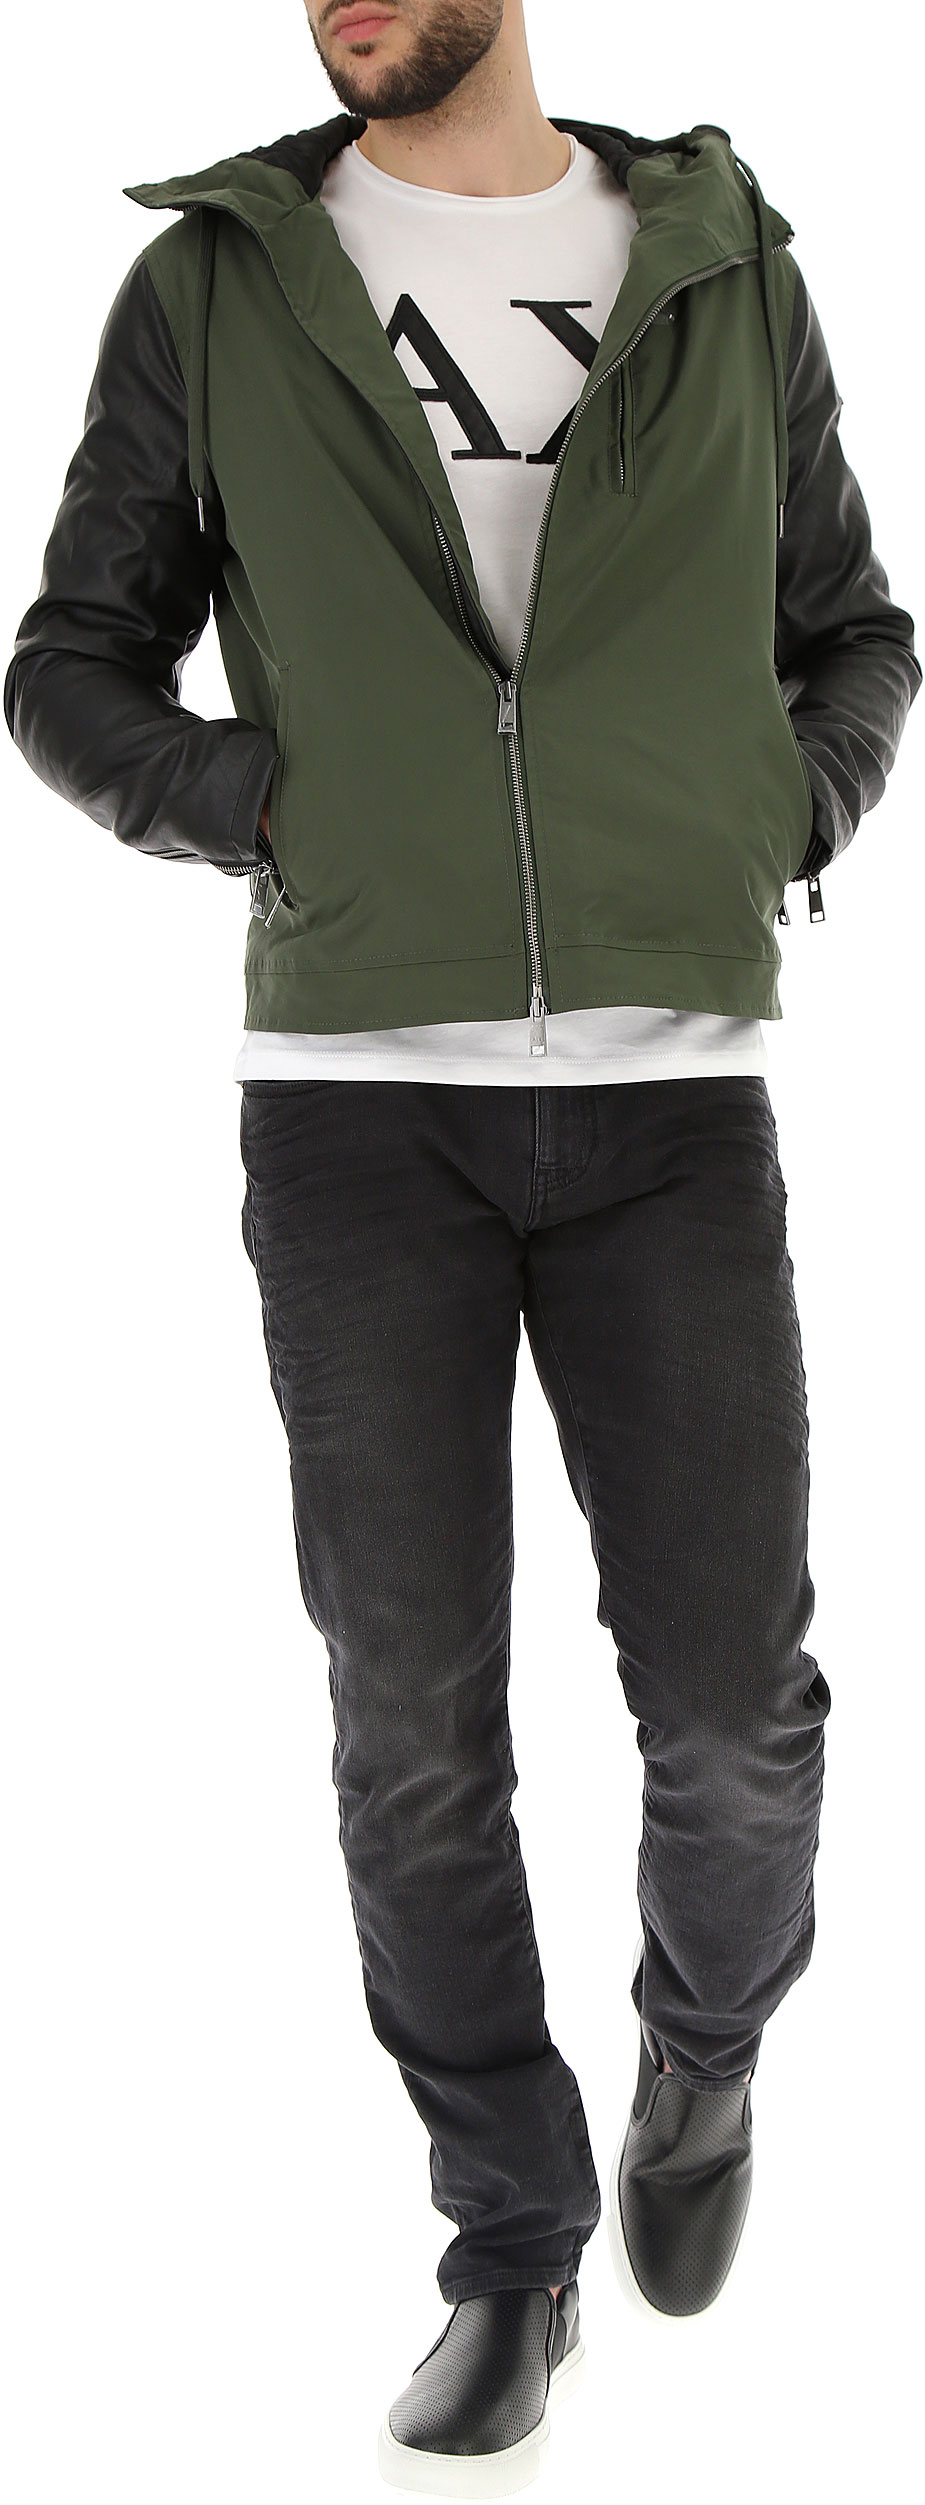 Abbigliamento Uomo Emporio Armani, Codice Articolo: 3zzb05-znctz-1829